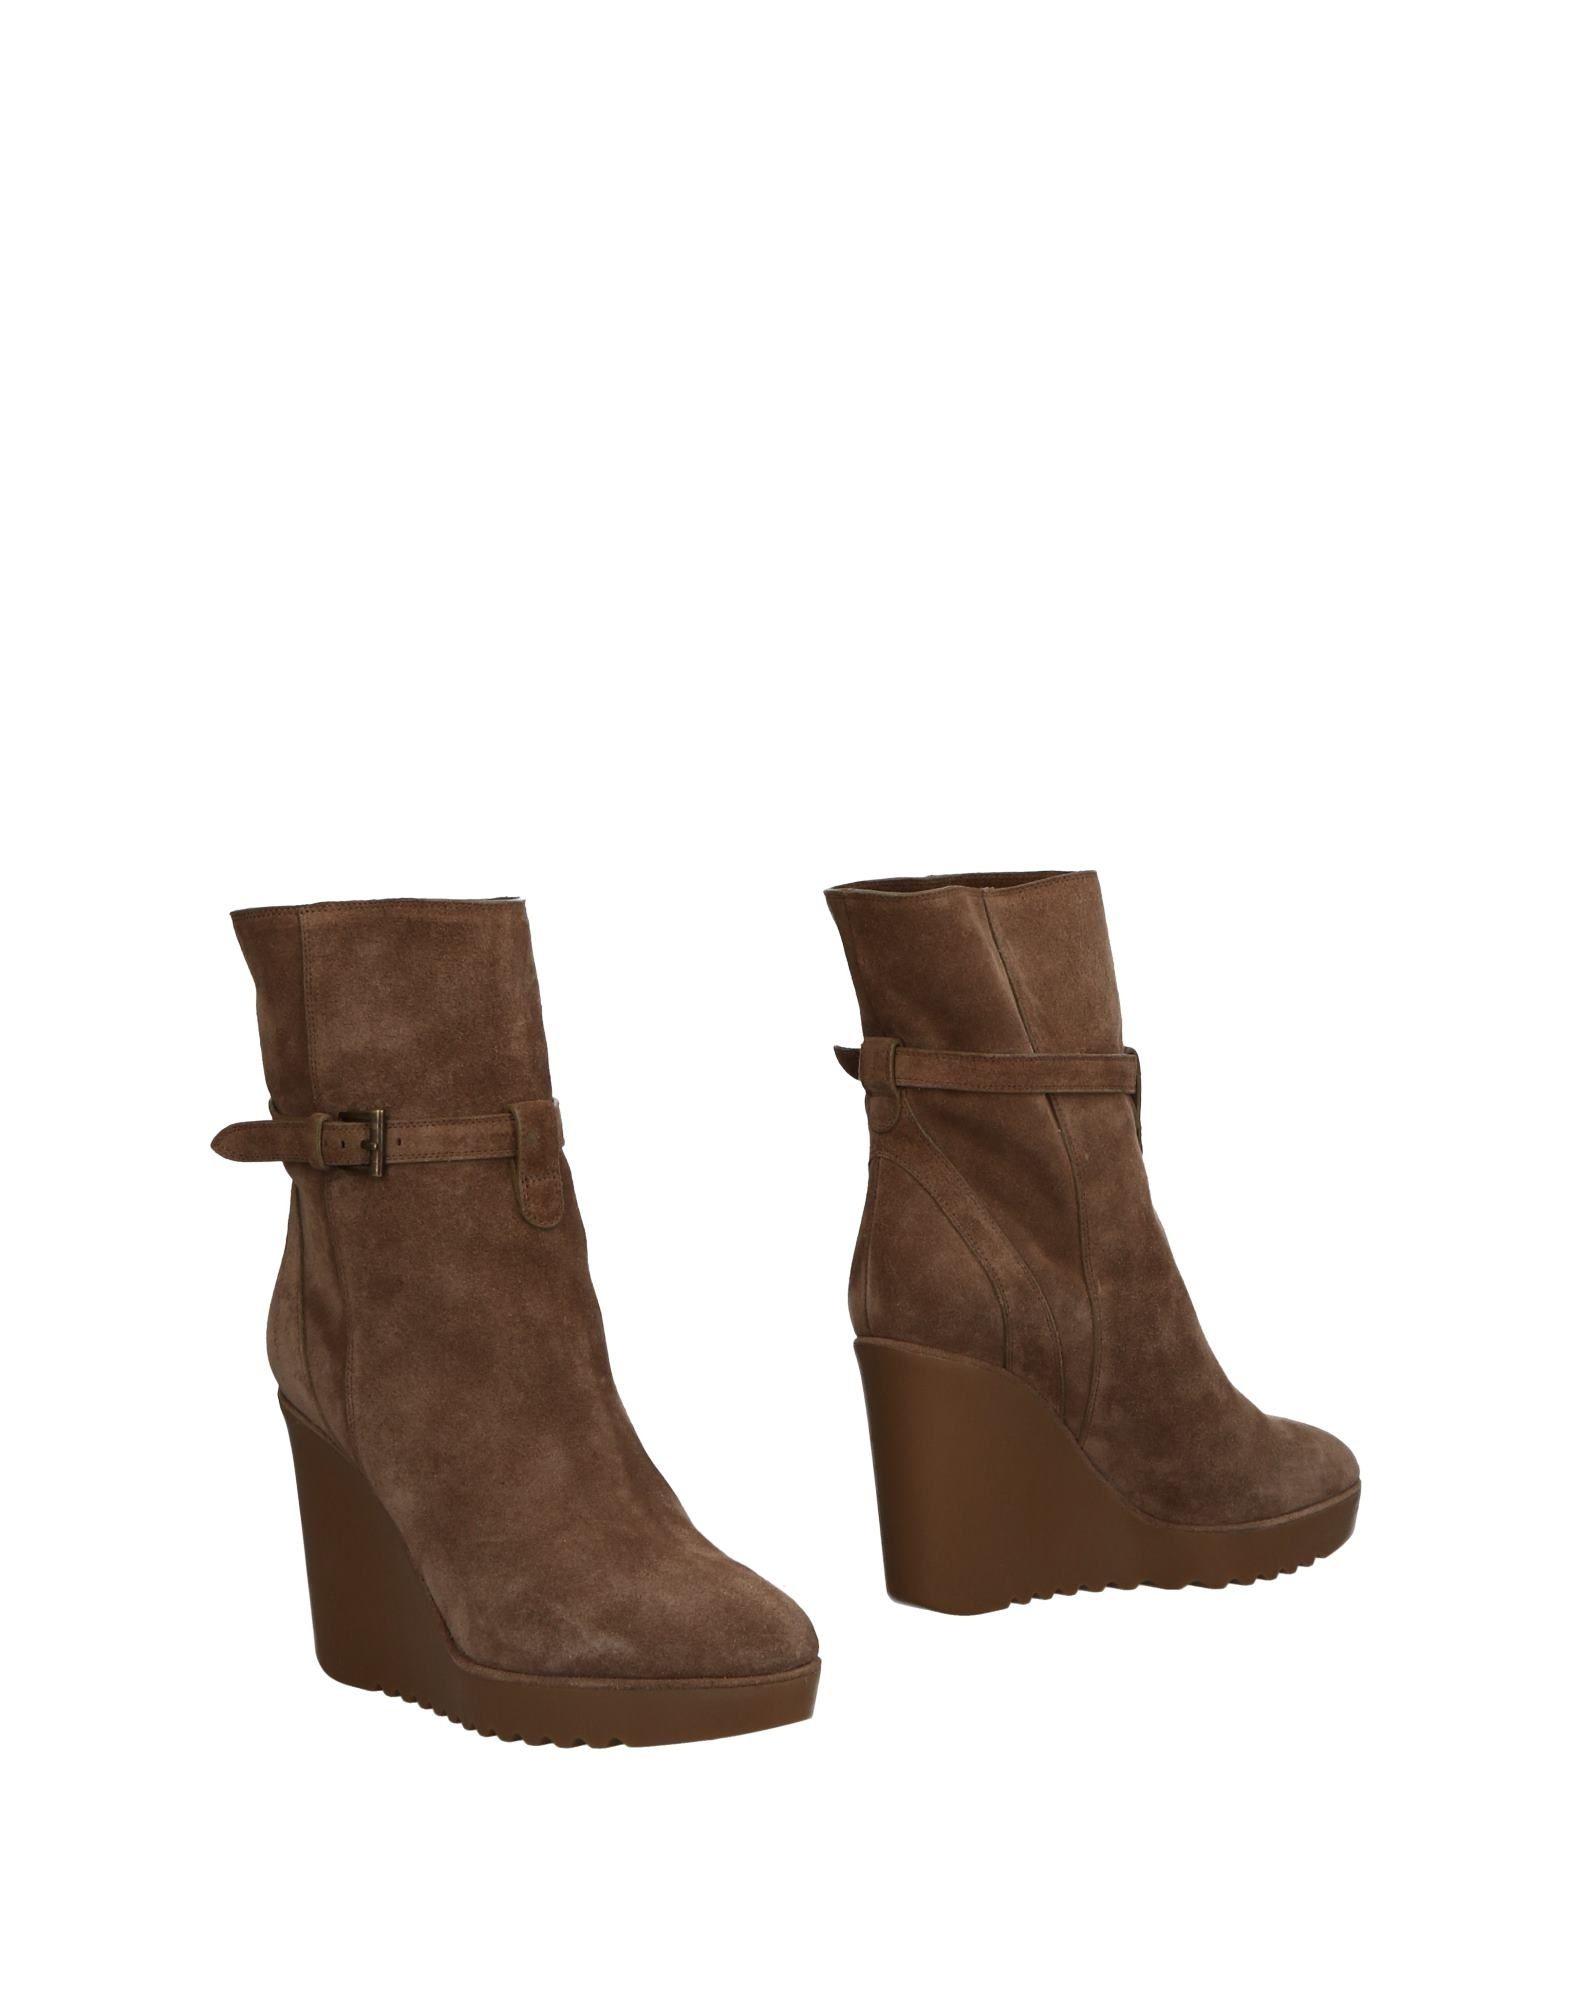 Moda Stivaletti Chloé Donna - 44992518OH